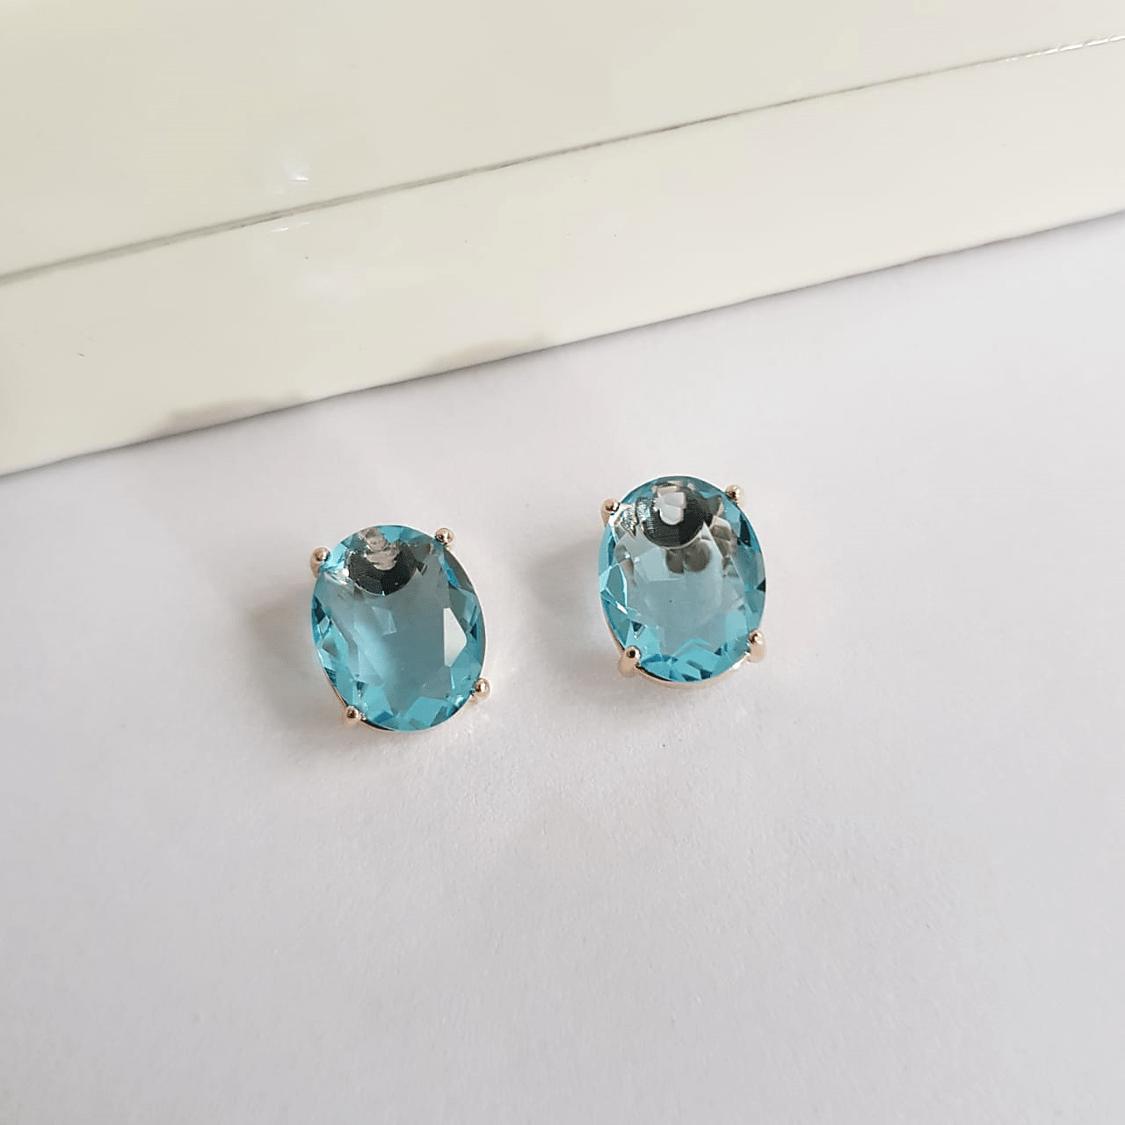 Brinco botão de cristal azul aquamarine 8x10mm